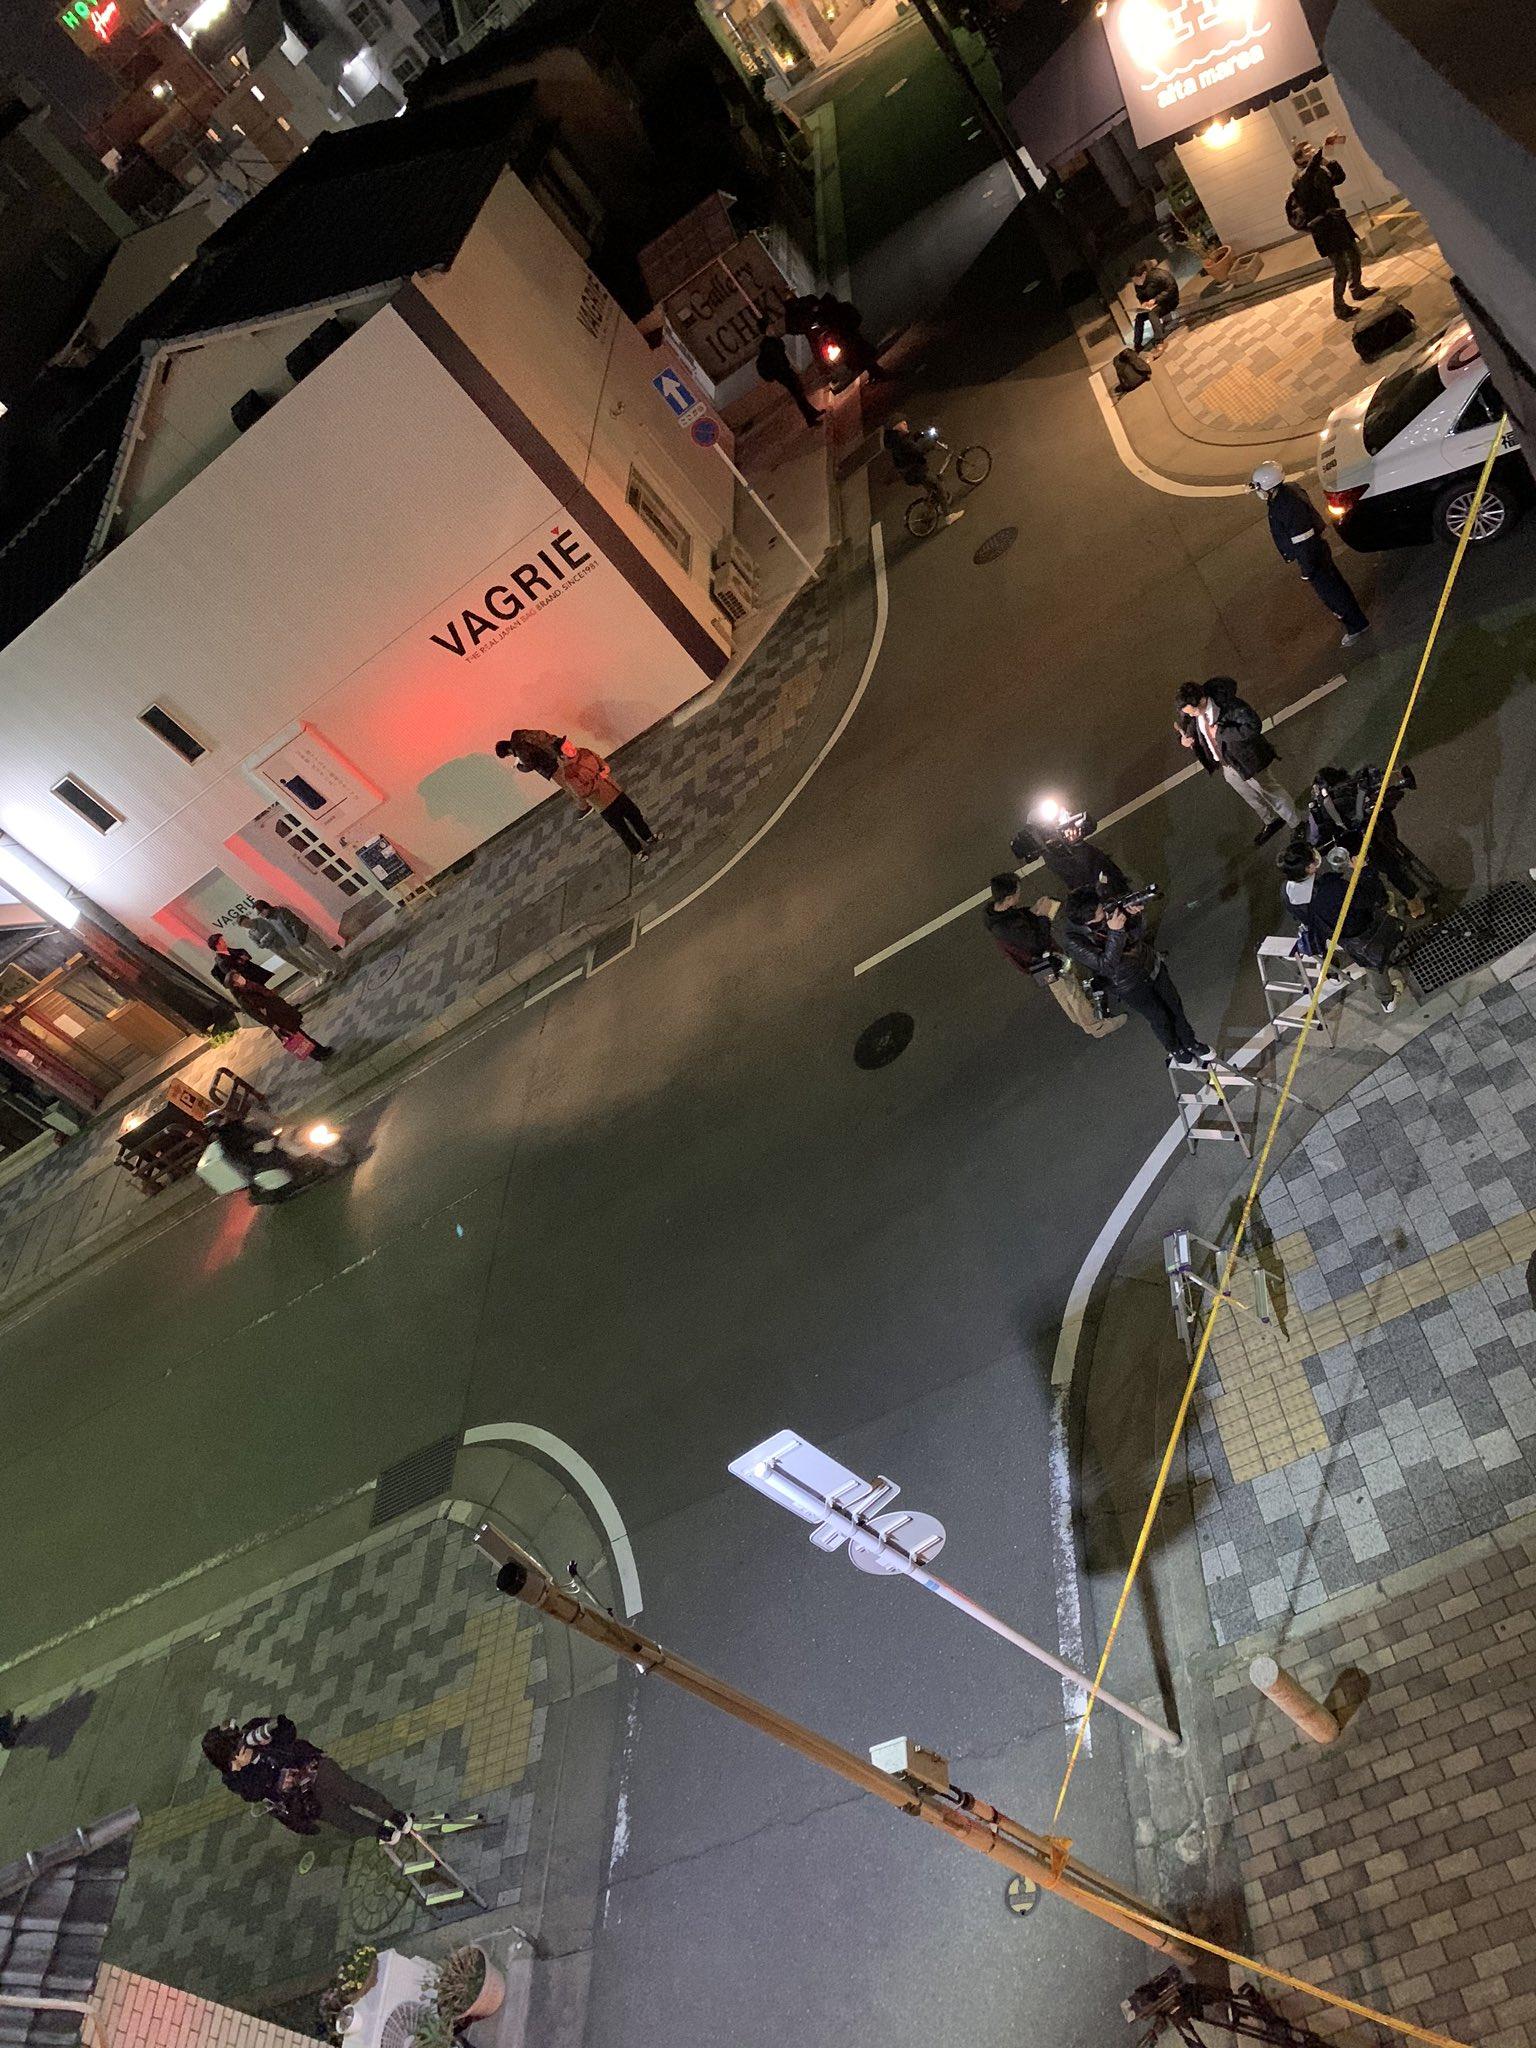 トートサイクル住吉店で小森寛子さんが殺害された殺人事件の画像